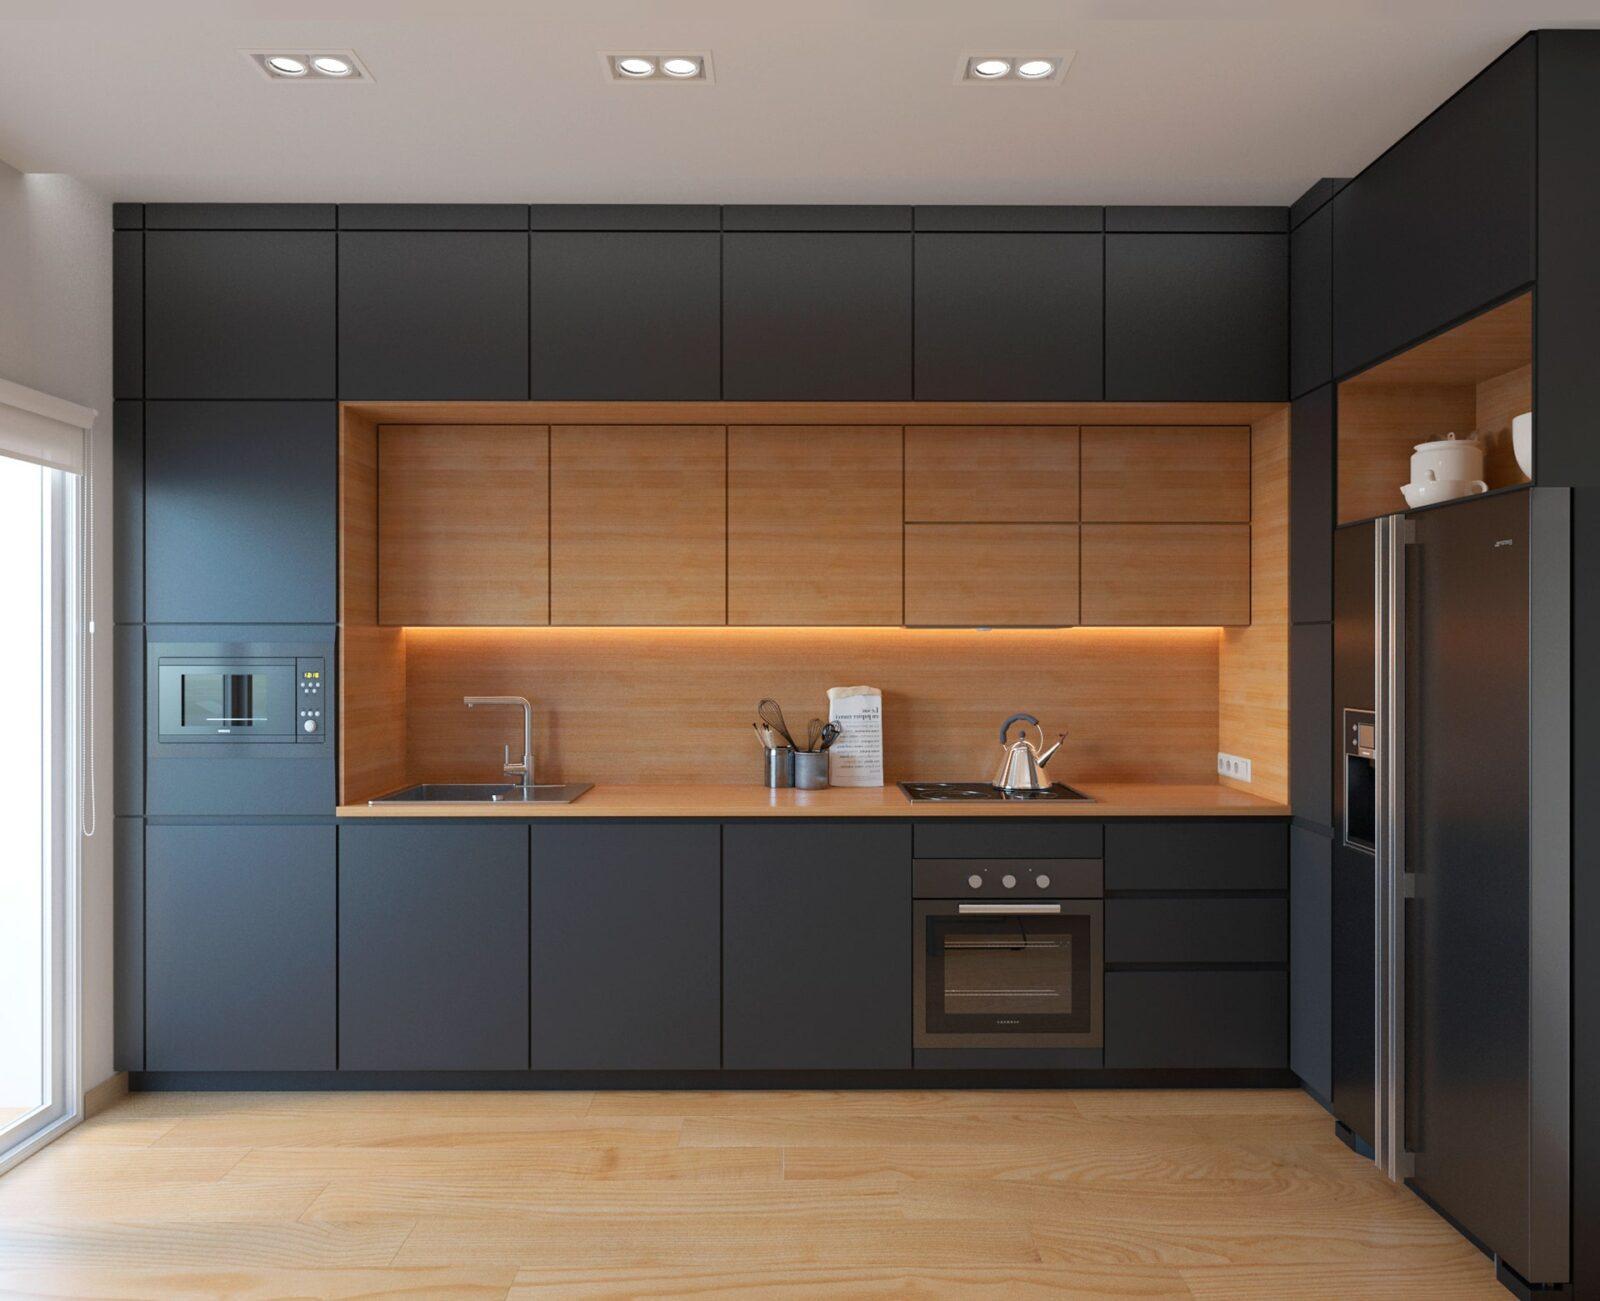 Стильная угловая кухня в 2 уровня